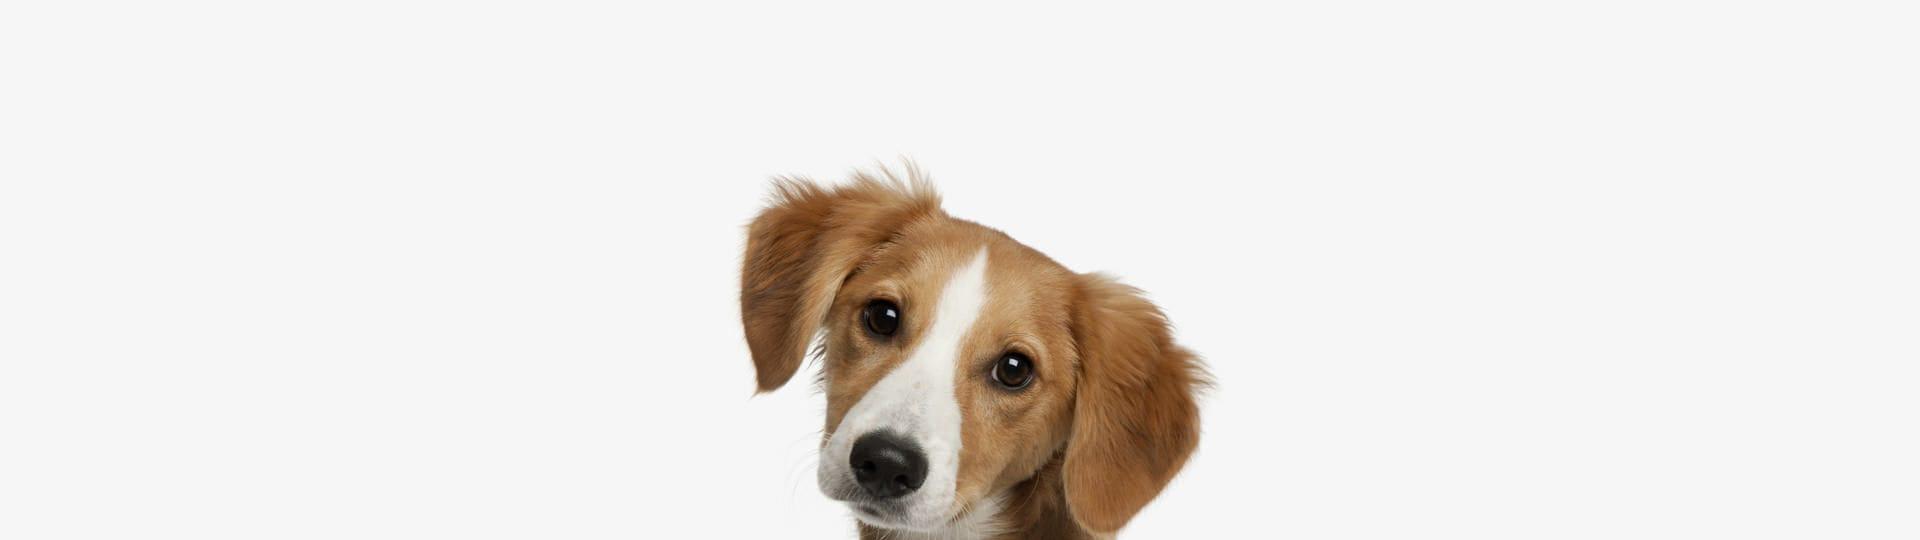 hundeadfærd